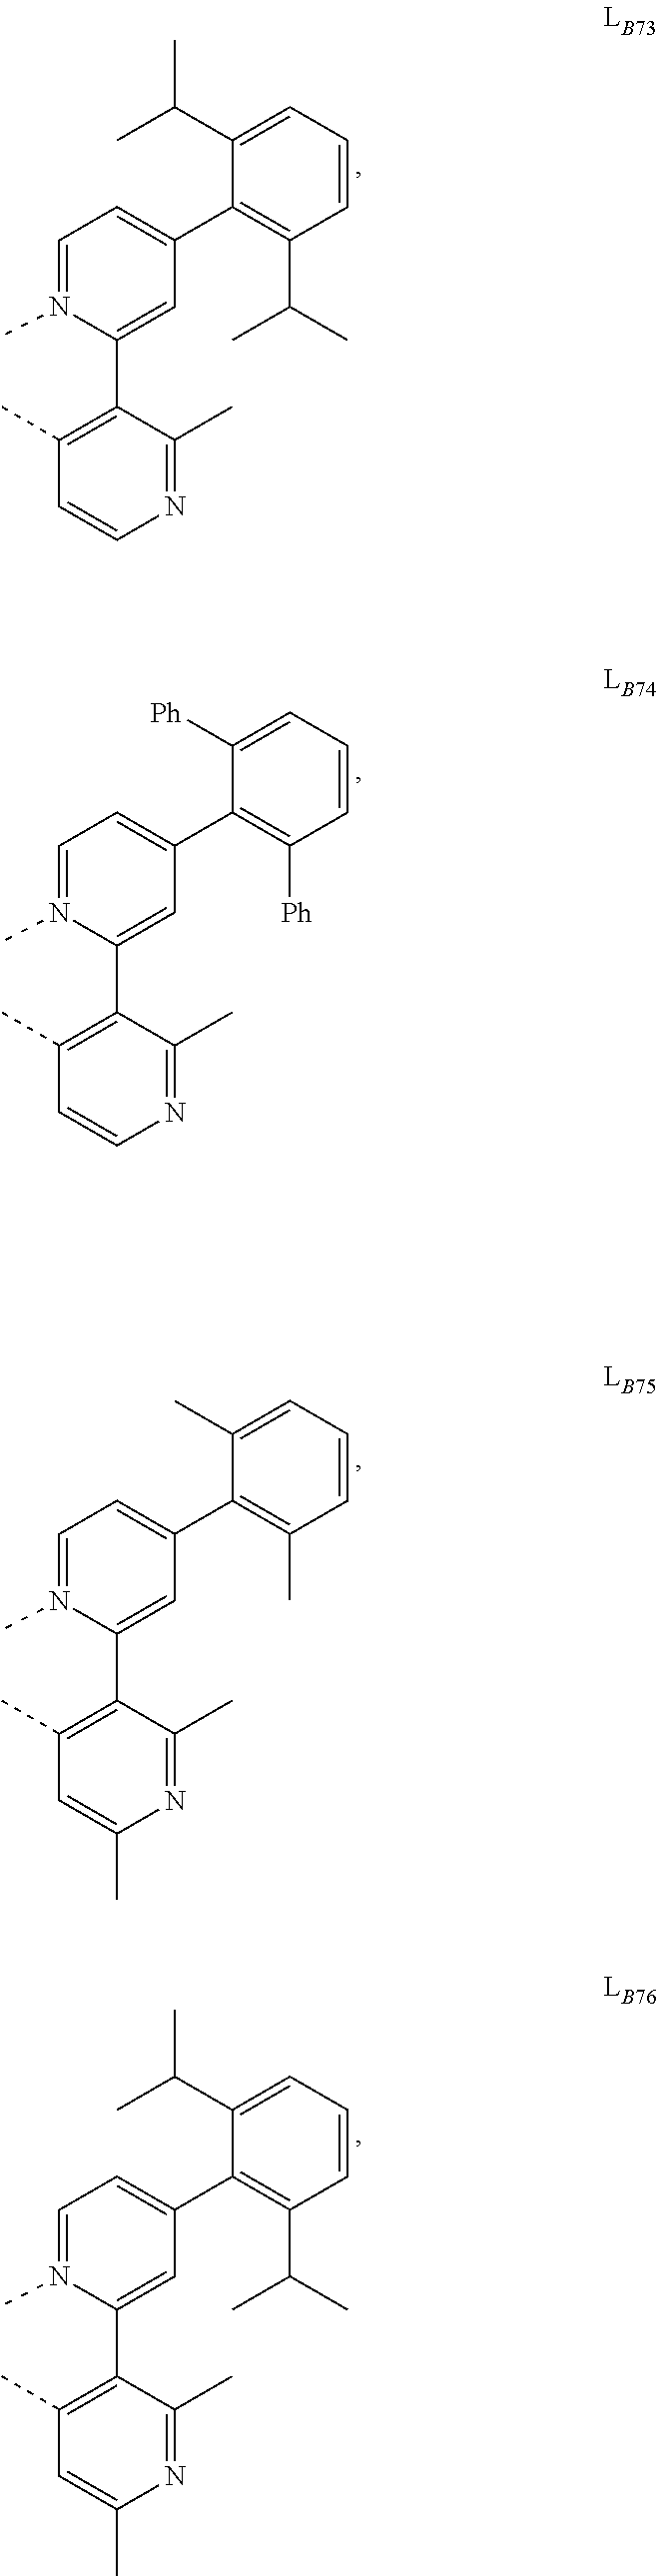 Figure US09905785-20180227-C00119